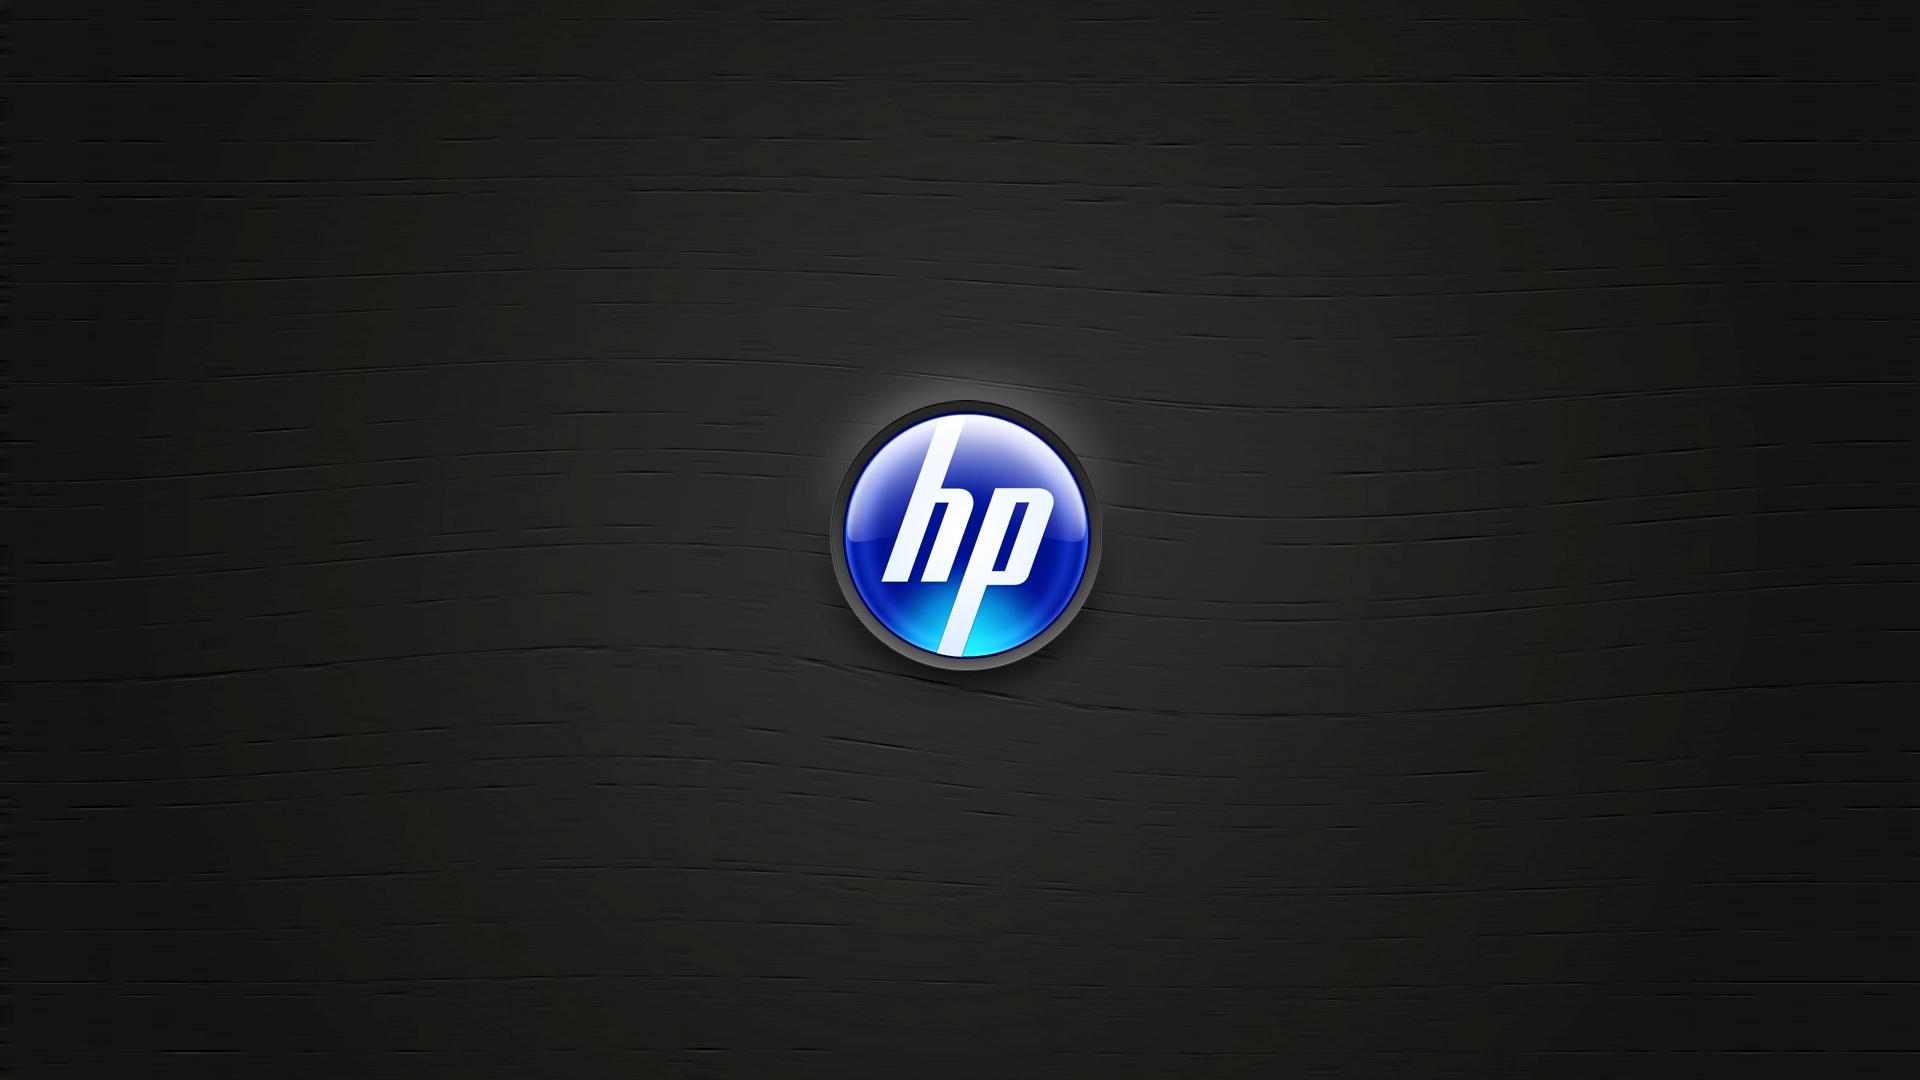 Hp 3D Backgrounds wallpaper Hp 3D Backgrounds hd wallpaper 1920x1080